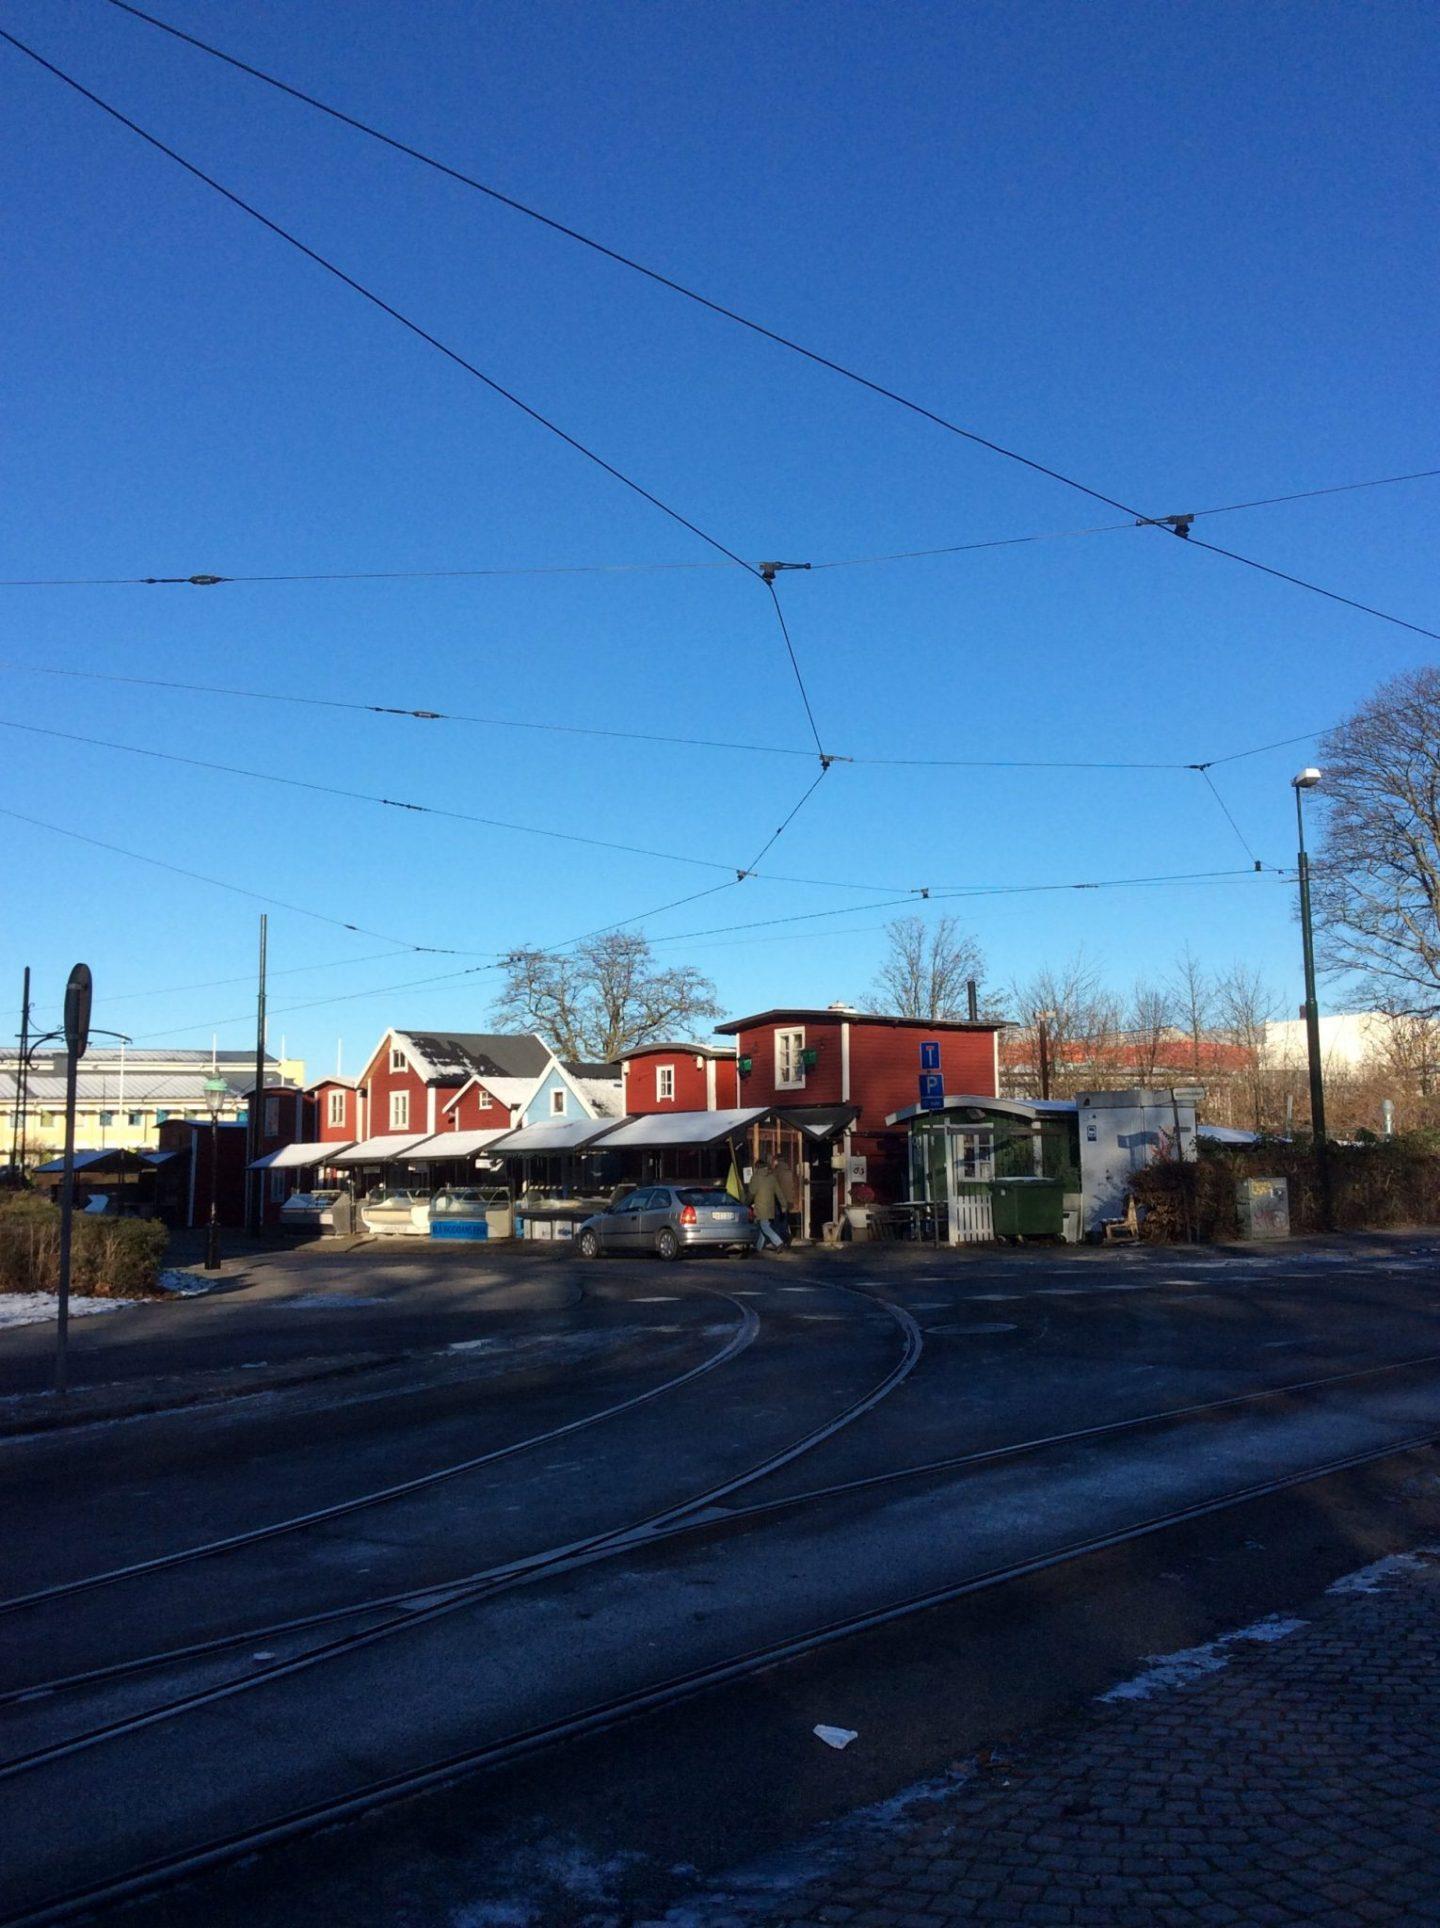 IMG 0190 1440x1928 - Malmö and the history